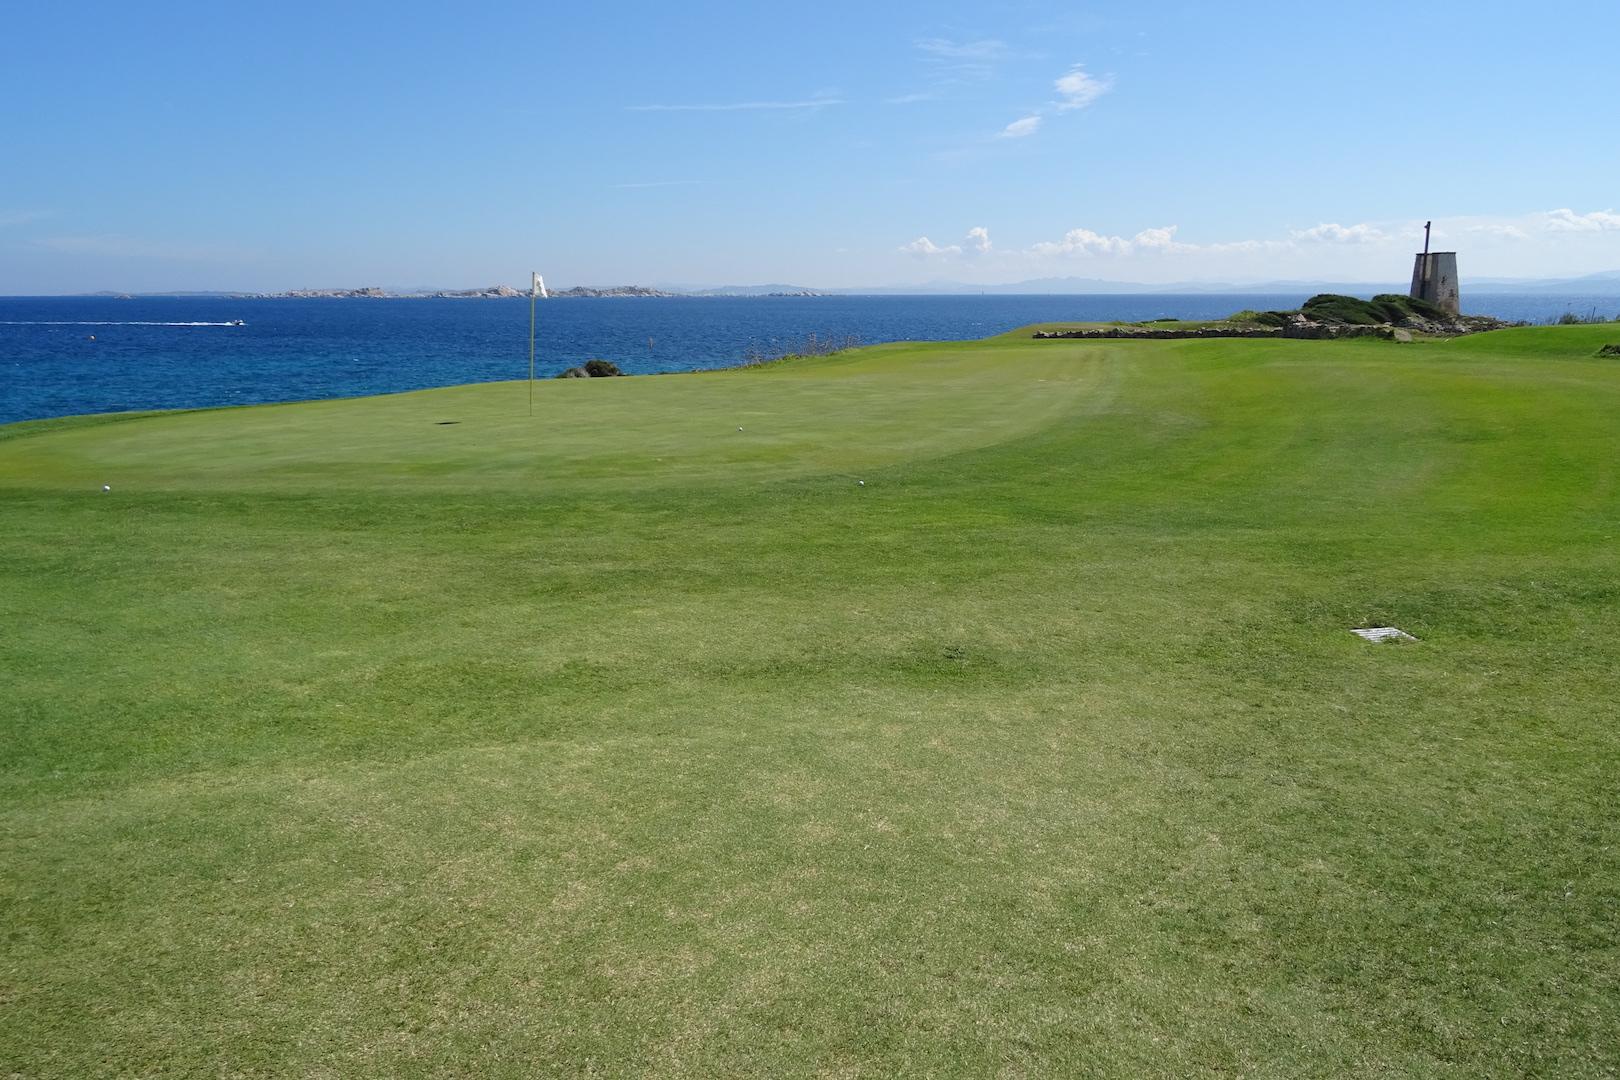 Le green du n°15, face à la Sardaigne